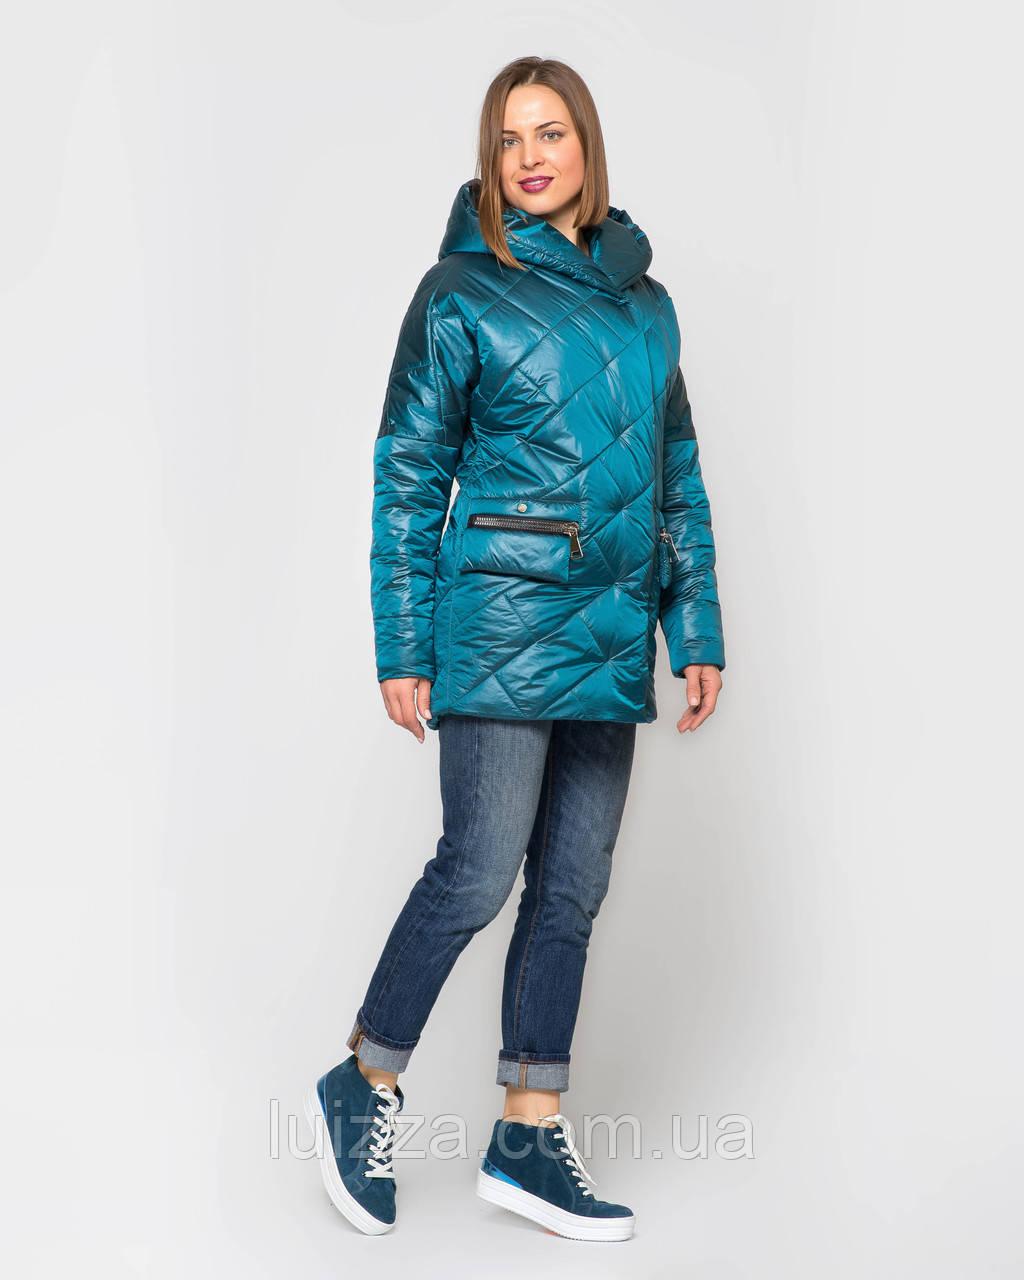 Женская стеганая куртка из атласа 44-56р изумруд 44